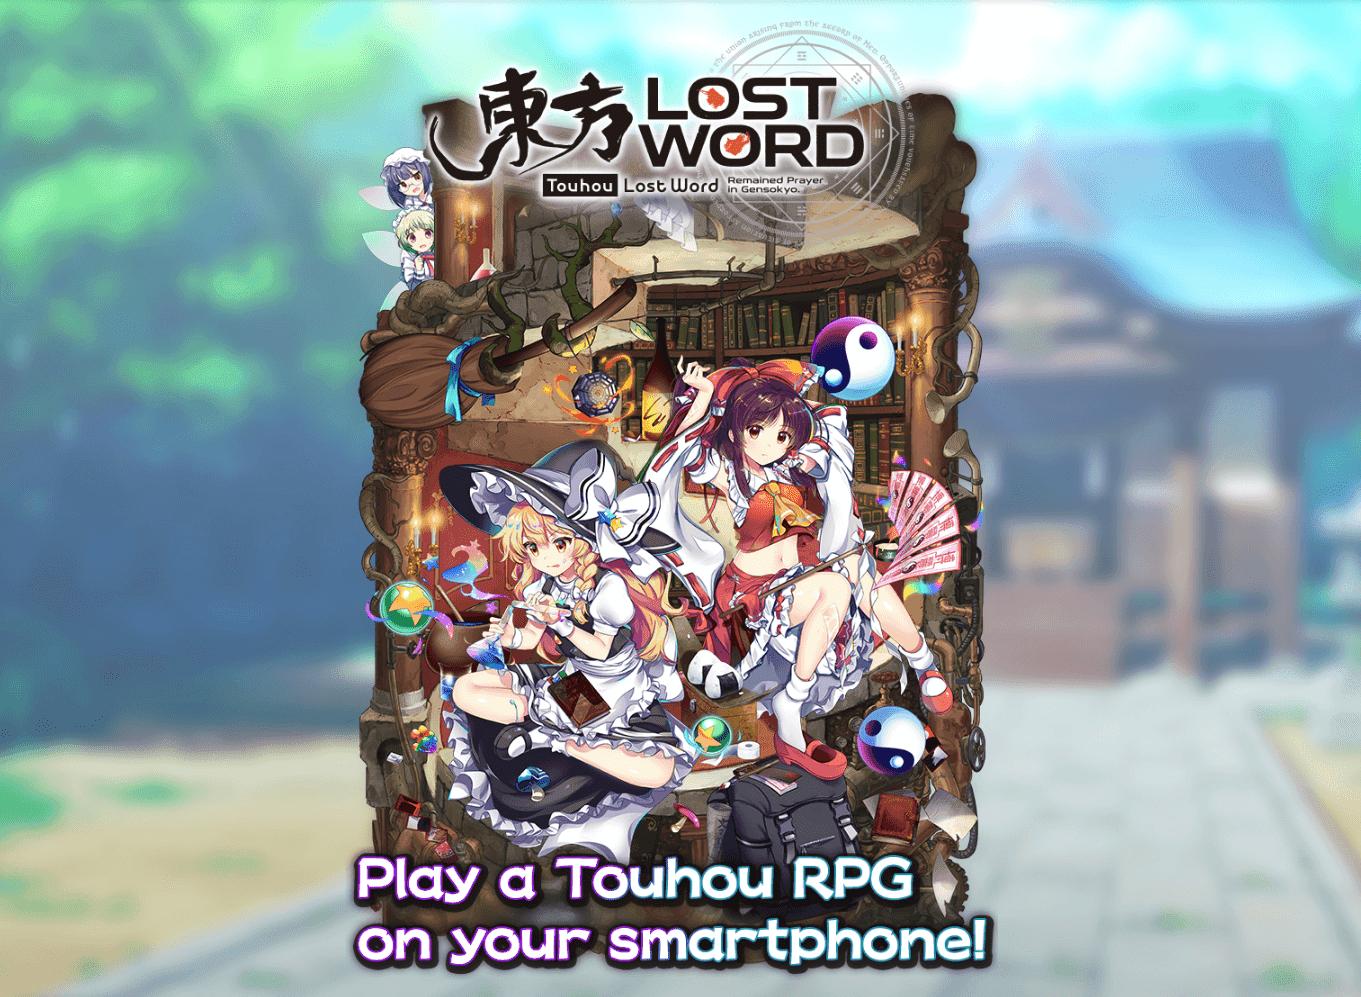 Touhou LostWord gameplay global server